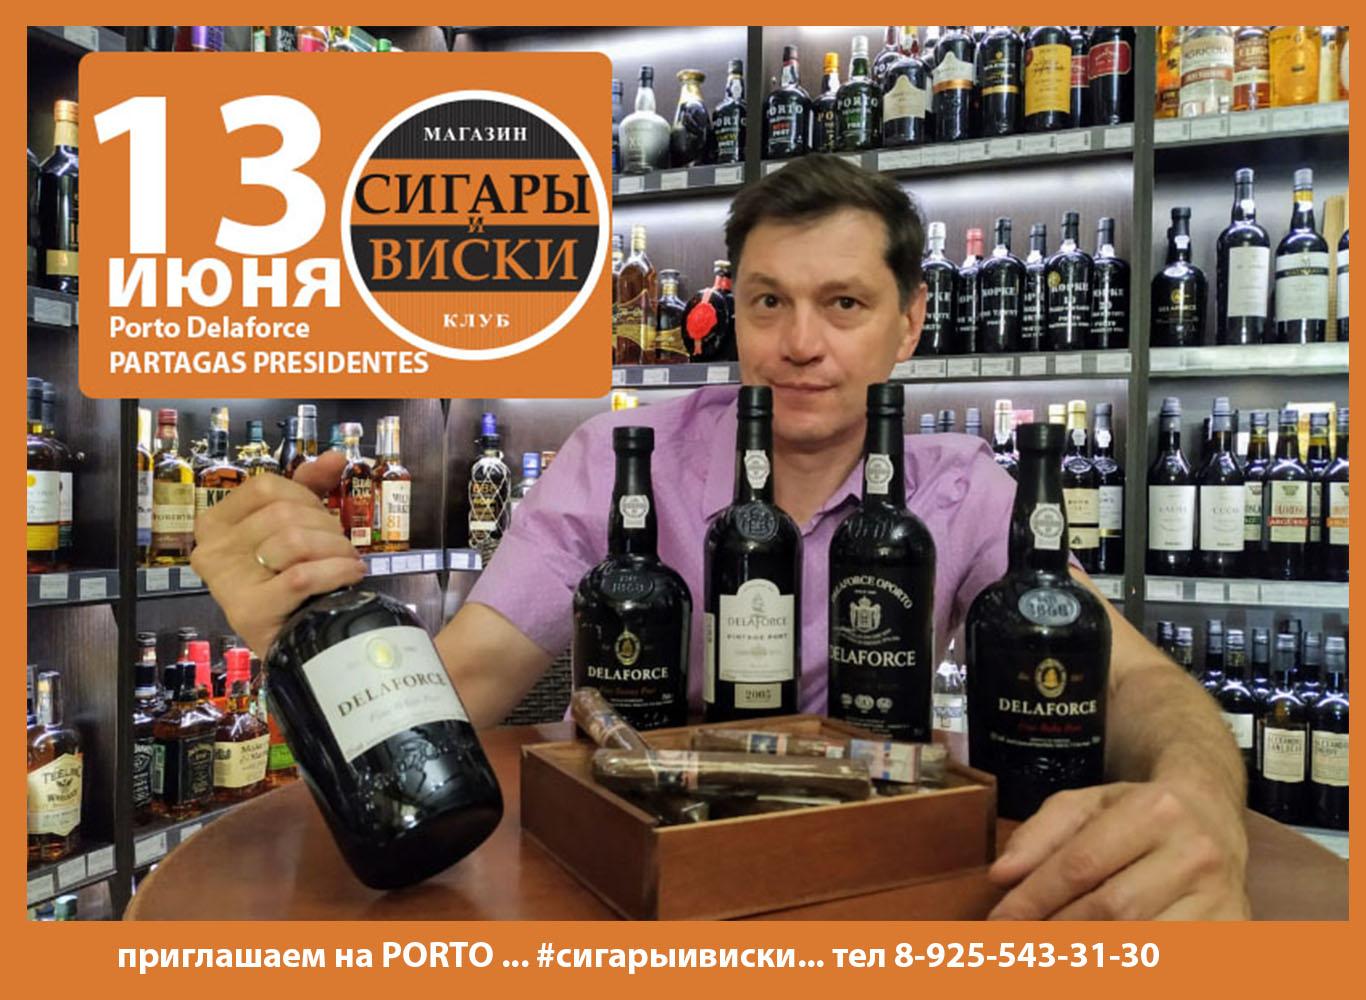 13 июня в СИГАРЫ И ВИСКИ вас ждёт  Porto Delaforce  & PARTAGAS PRESIDENTES!!! Изысканные портвейны,превосходная кубинская сигара,